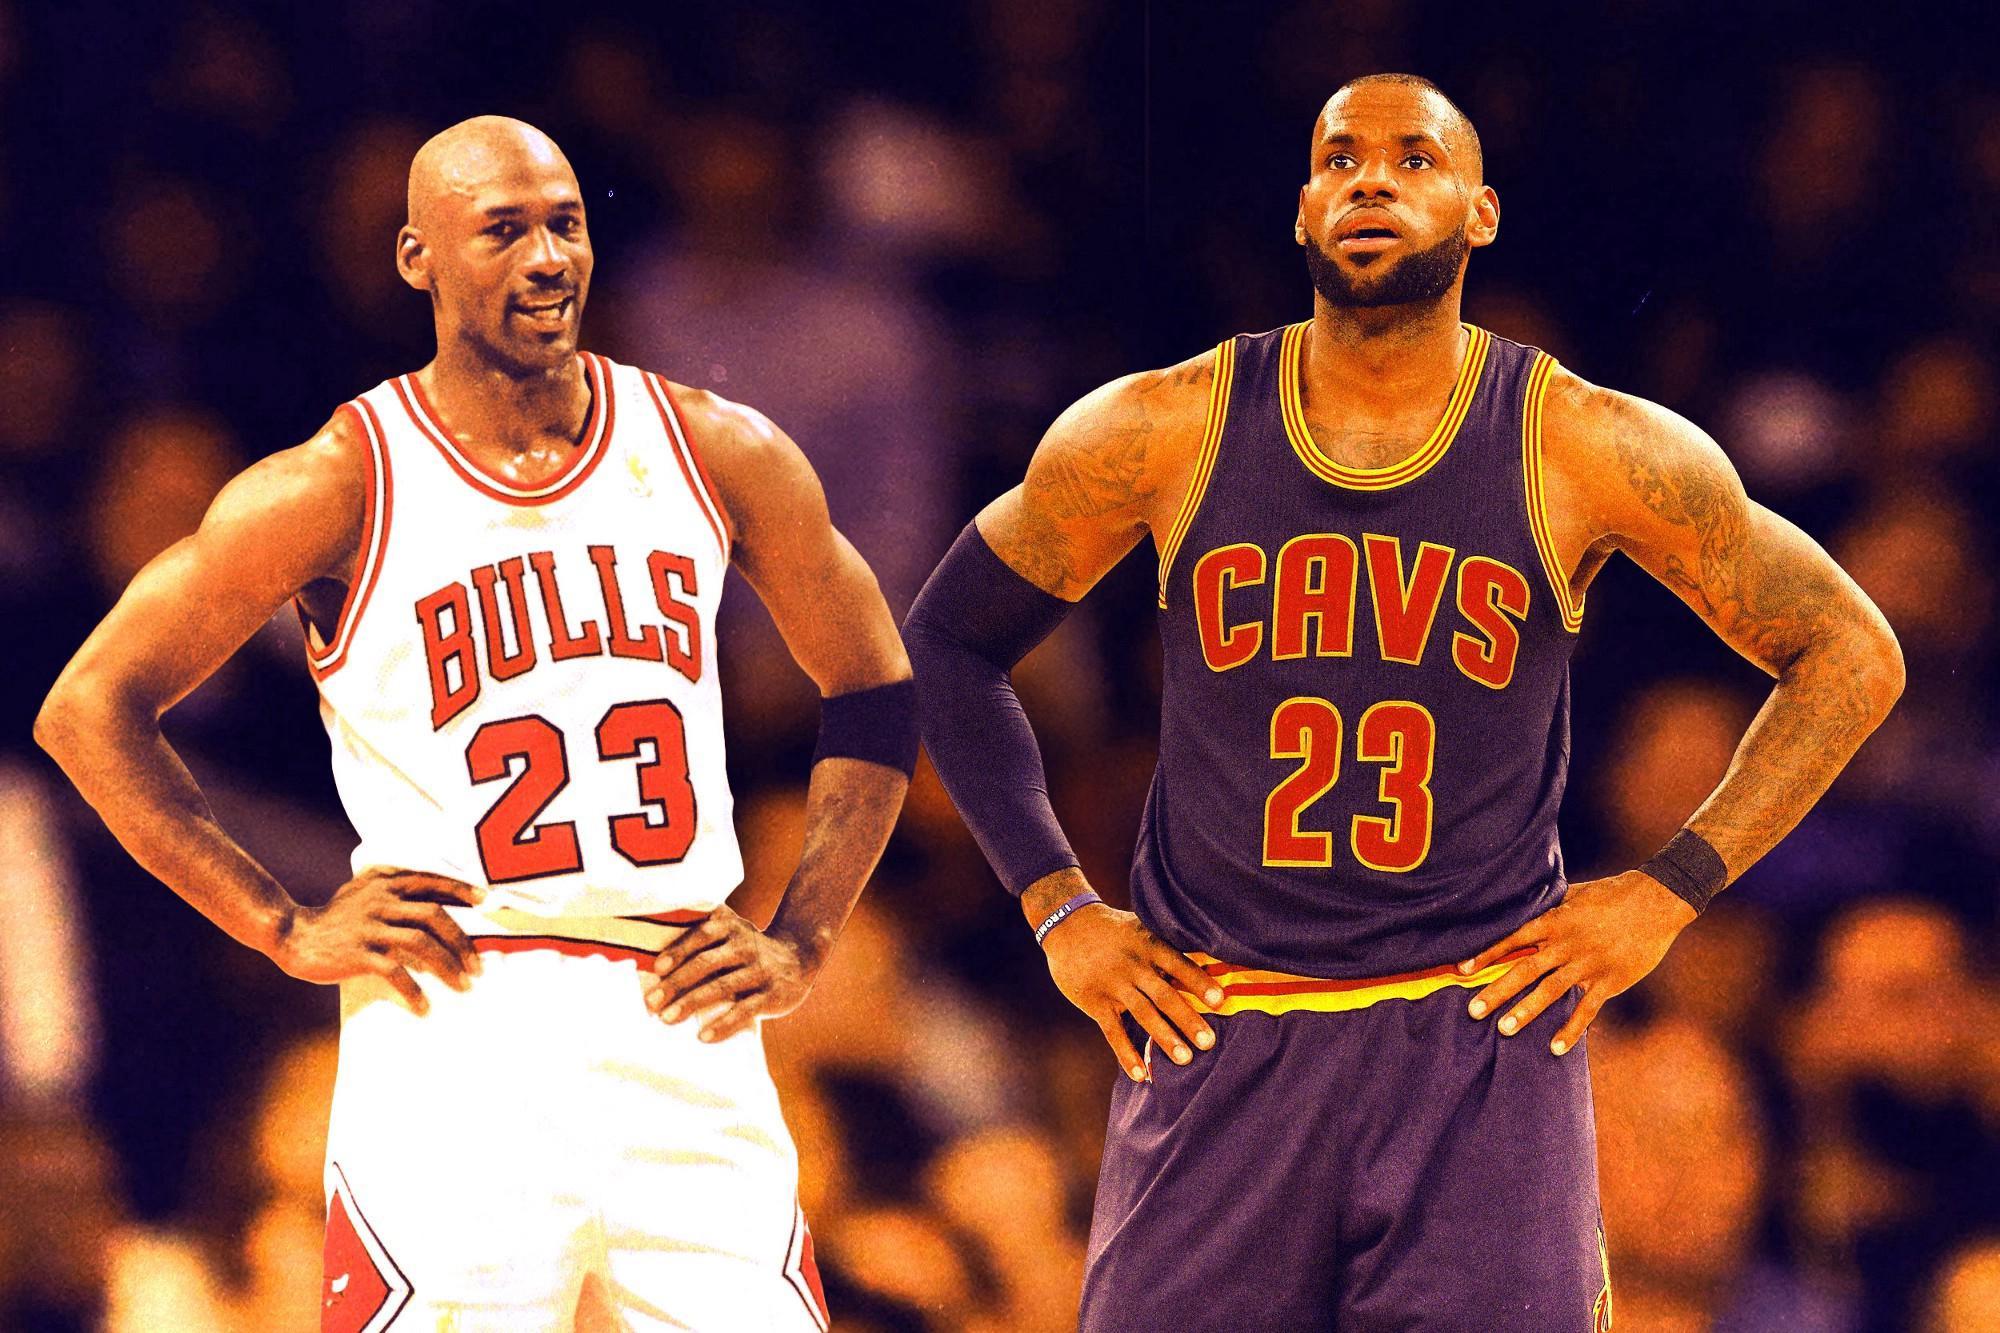 科尔细数改变NBA之人:詹皇乔丹并列 AI纳什入选